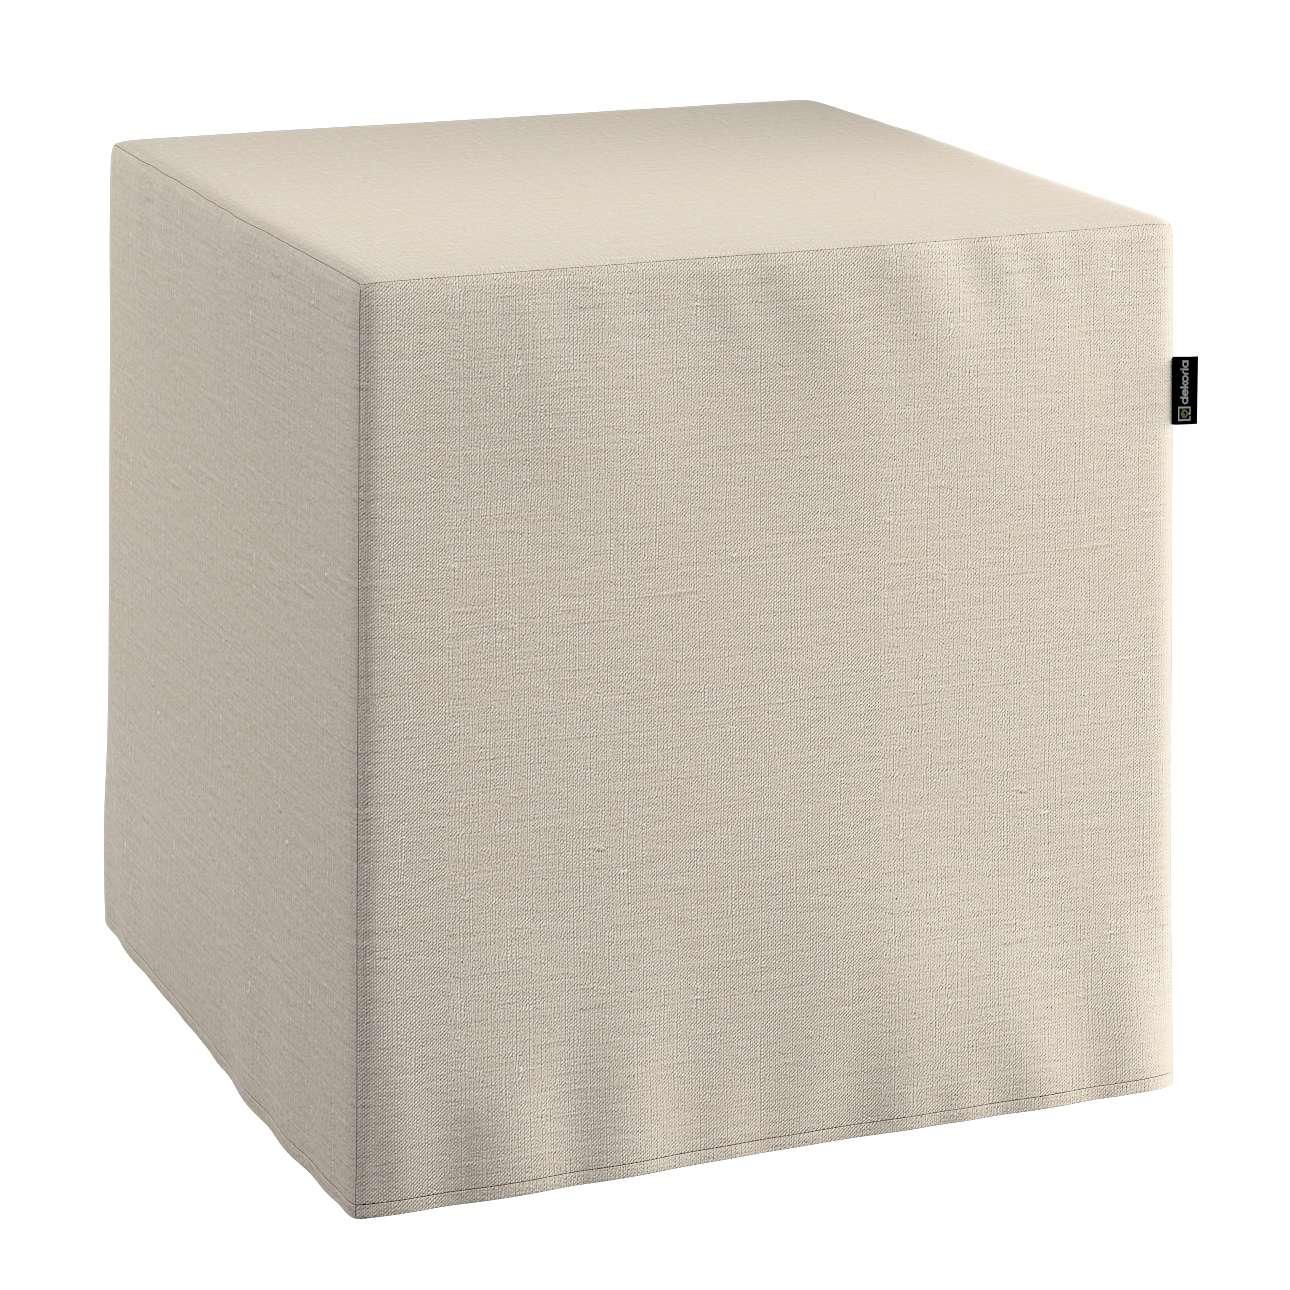 Pufa kostka twarda 40x40x40 cm w kolekcji Linen, tkanina: 392-05